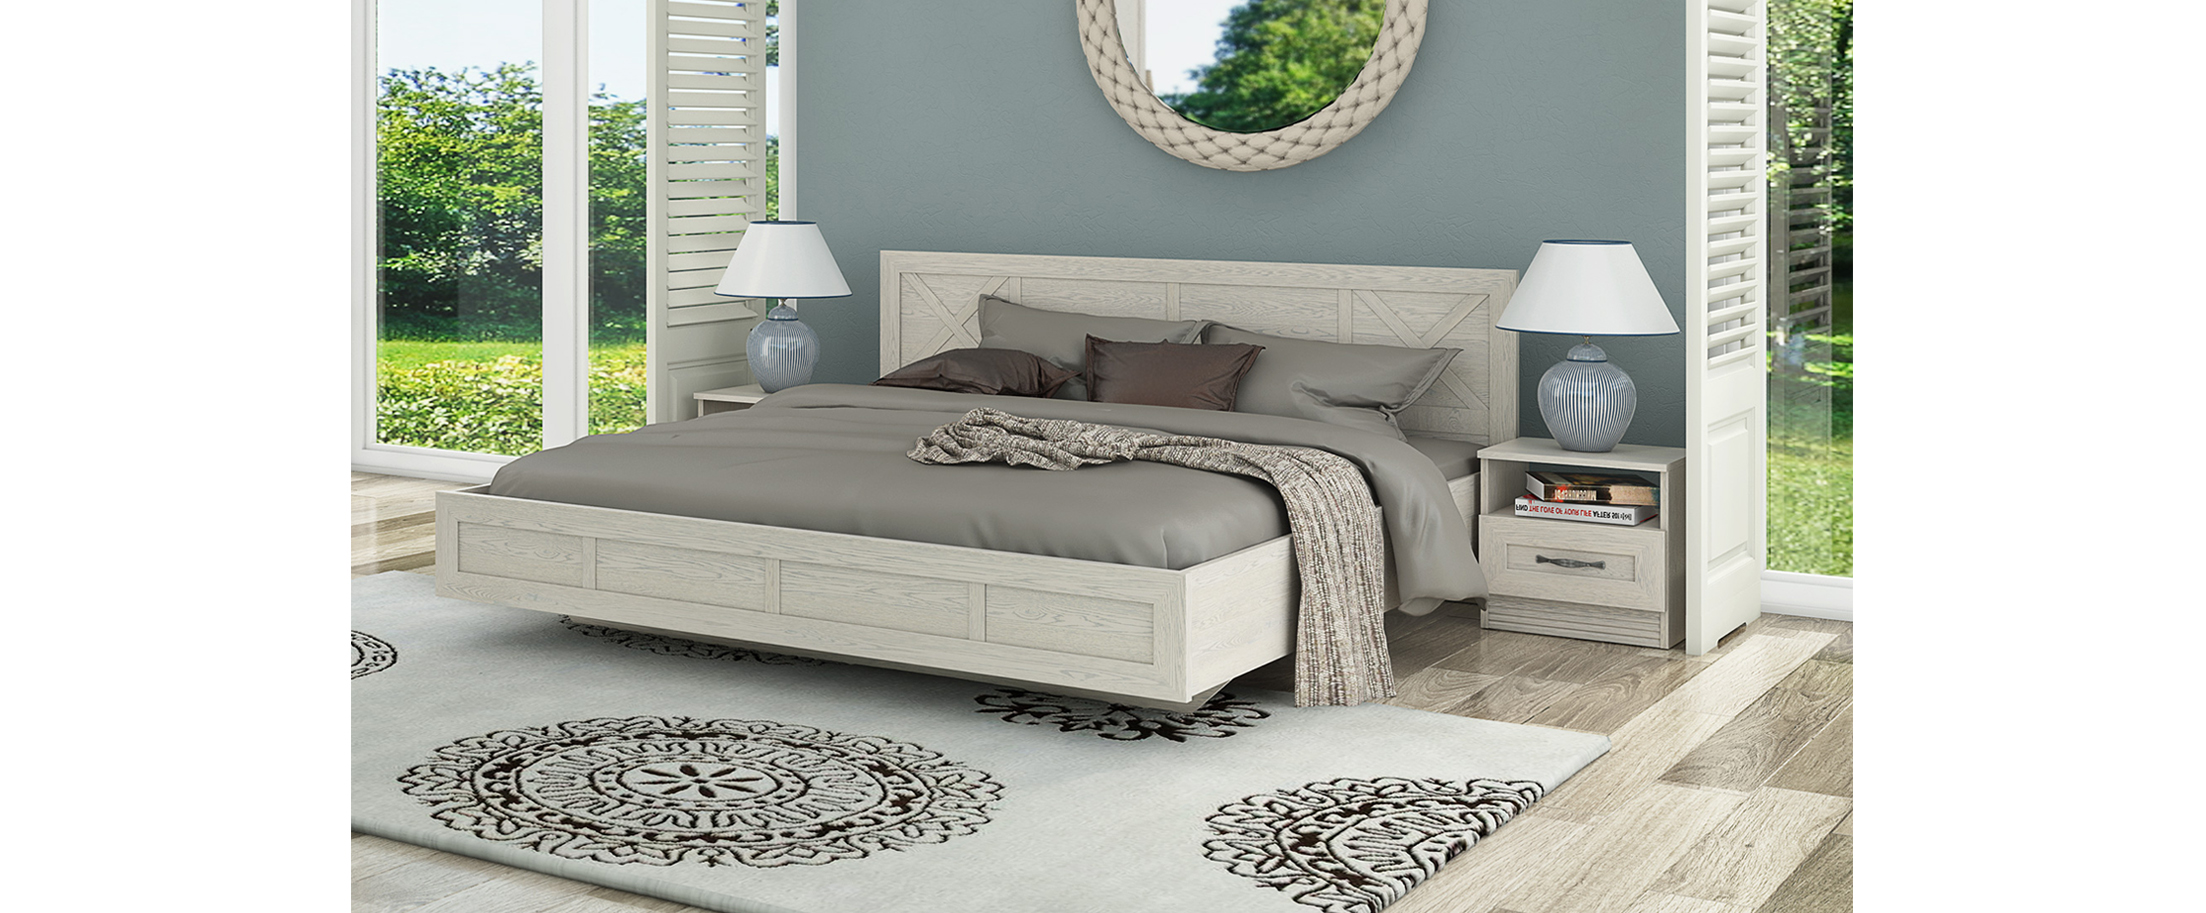 Кровать двуспальная Лозанна Модель 290Двуспальная кровать в стиле минимализма. Материал ЛДСП, размер 160х200. Доставка от 1 дня. Гарантия 18 месяцев. Купить в интернет-магазине MOON TRADE.<br>